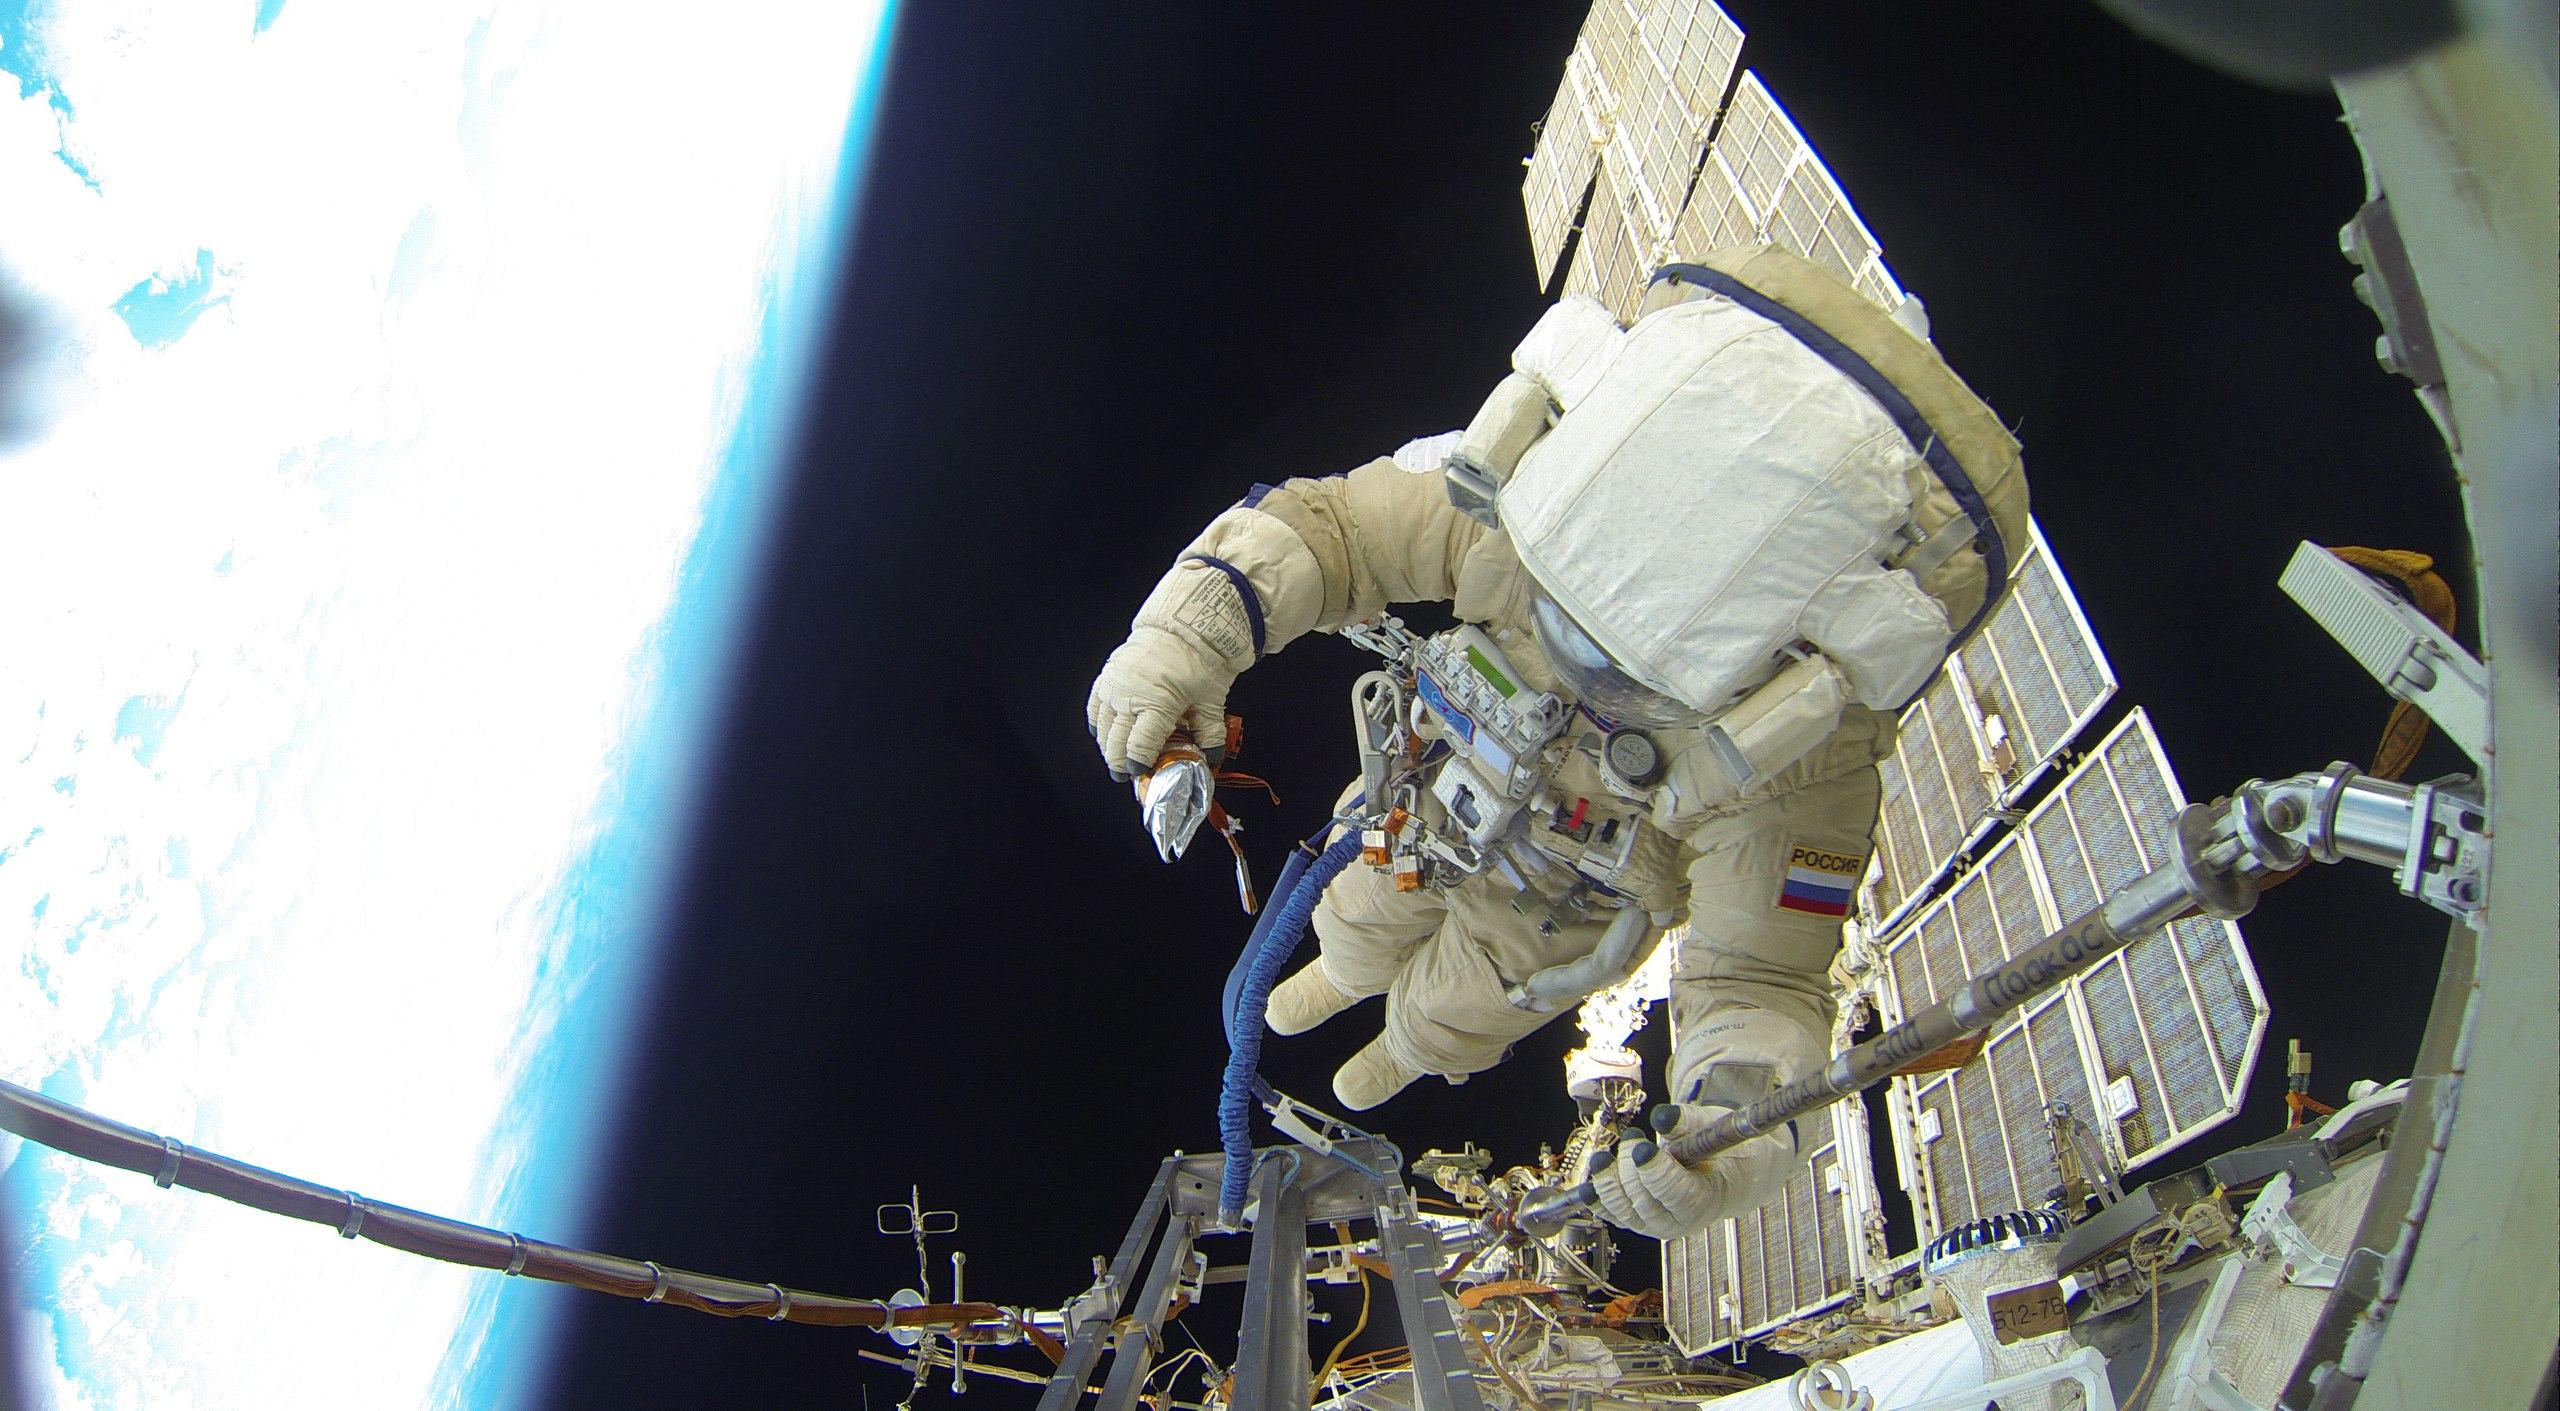 Космонавт Сергей Волков - автор селфи в космосе